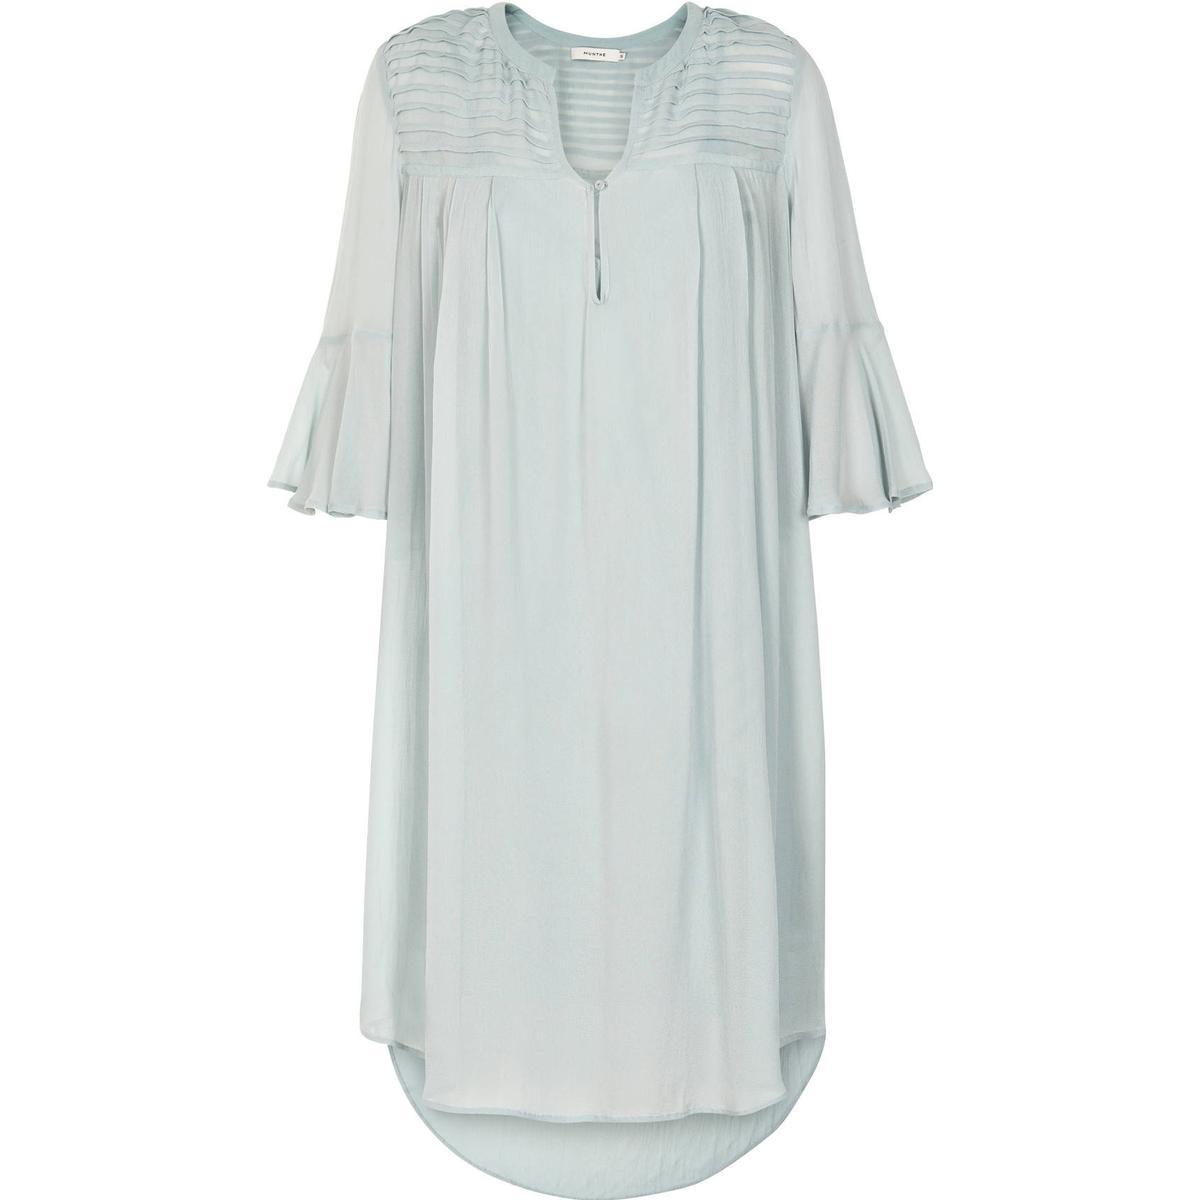 3fdba2d57d55 Trekvart ærmer - Maxi kjole Dametøj - Sammenlign priser hos PriceRunner